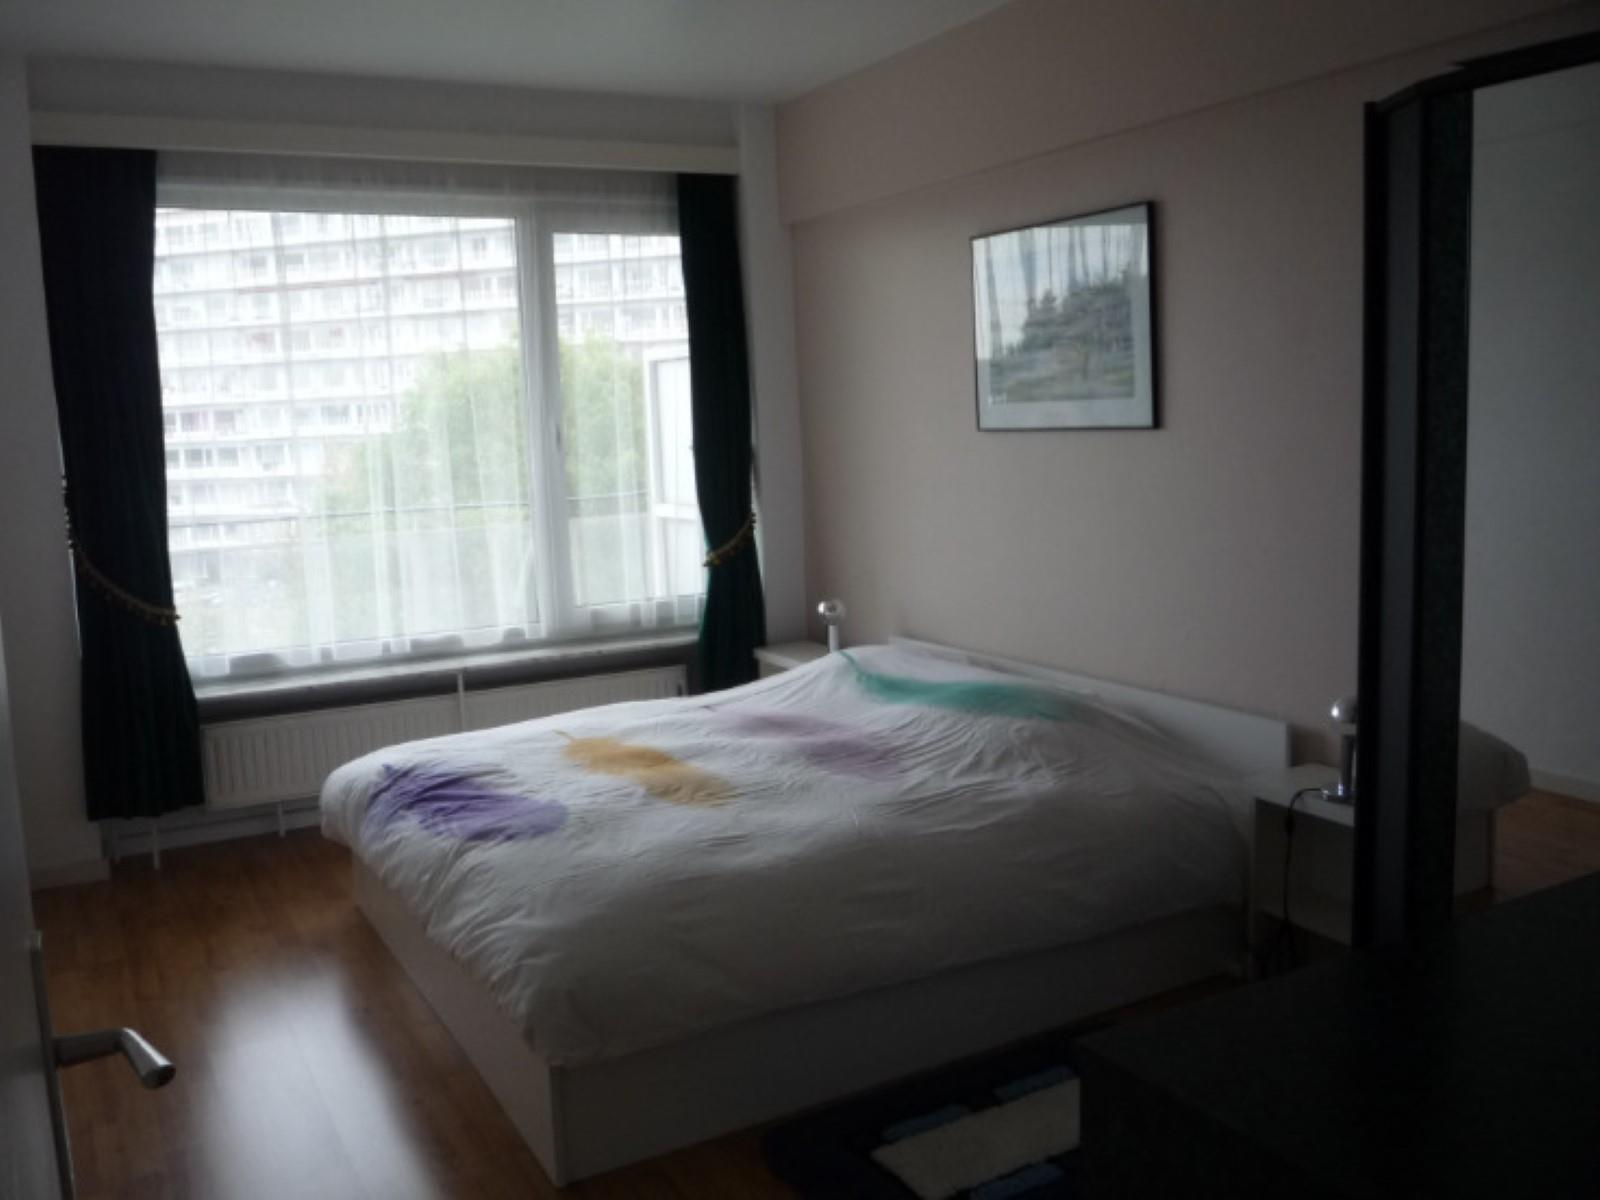 Appartement - Woluwe-Saint-Pierre - #4448784-4